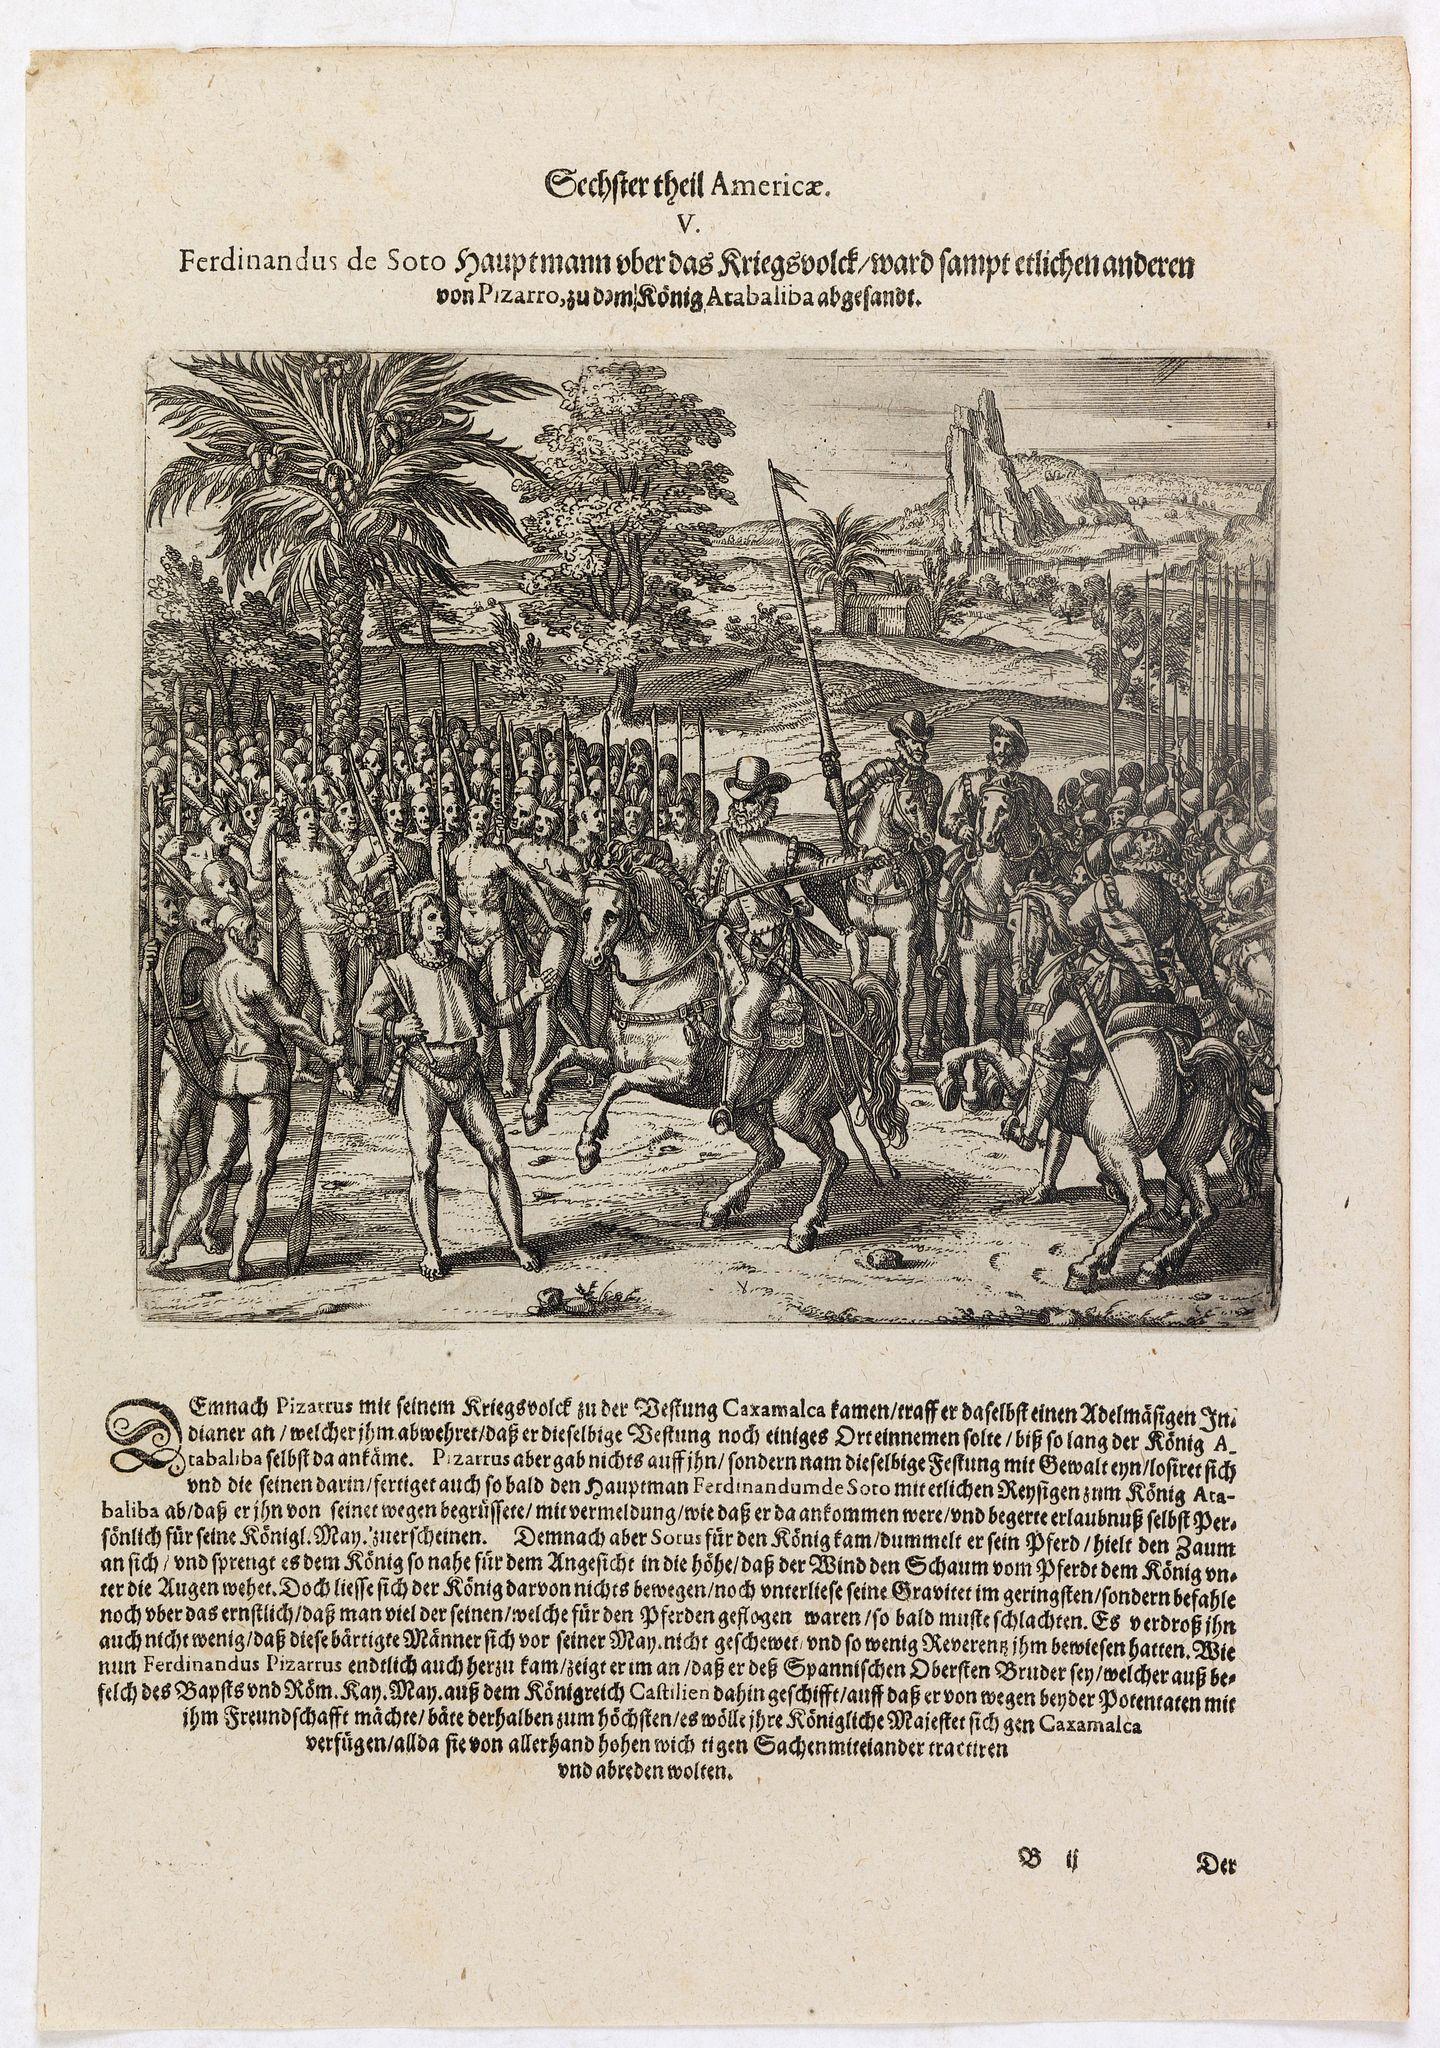 DE BRY, Th. -  Ferdinandus de Soto Hauptmann uber das Kriegssvolck wardt sampt etlichen anderen von Pizarro, zu dem König Atabaliba abgesandt.